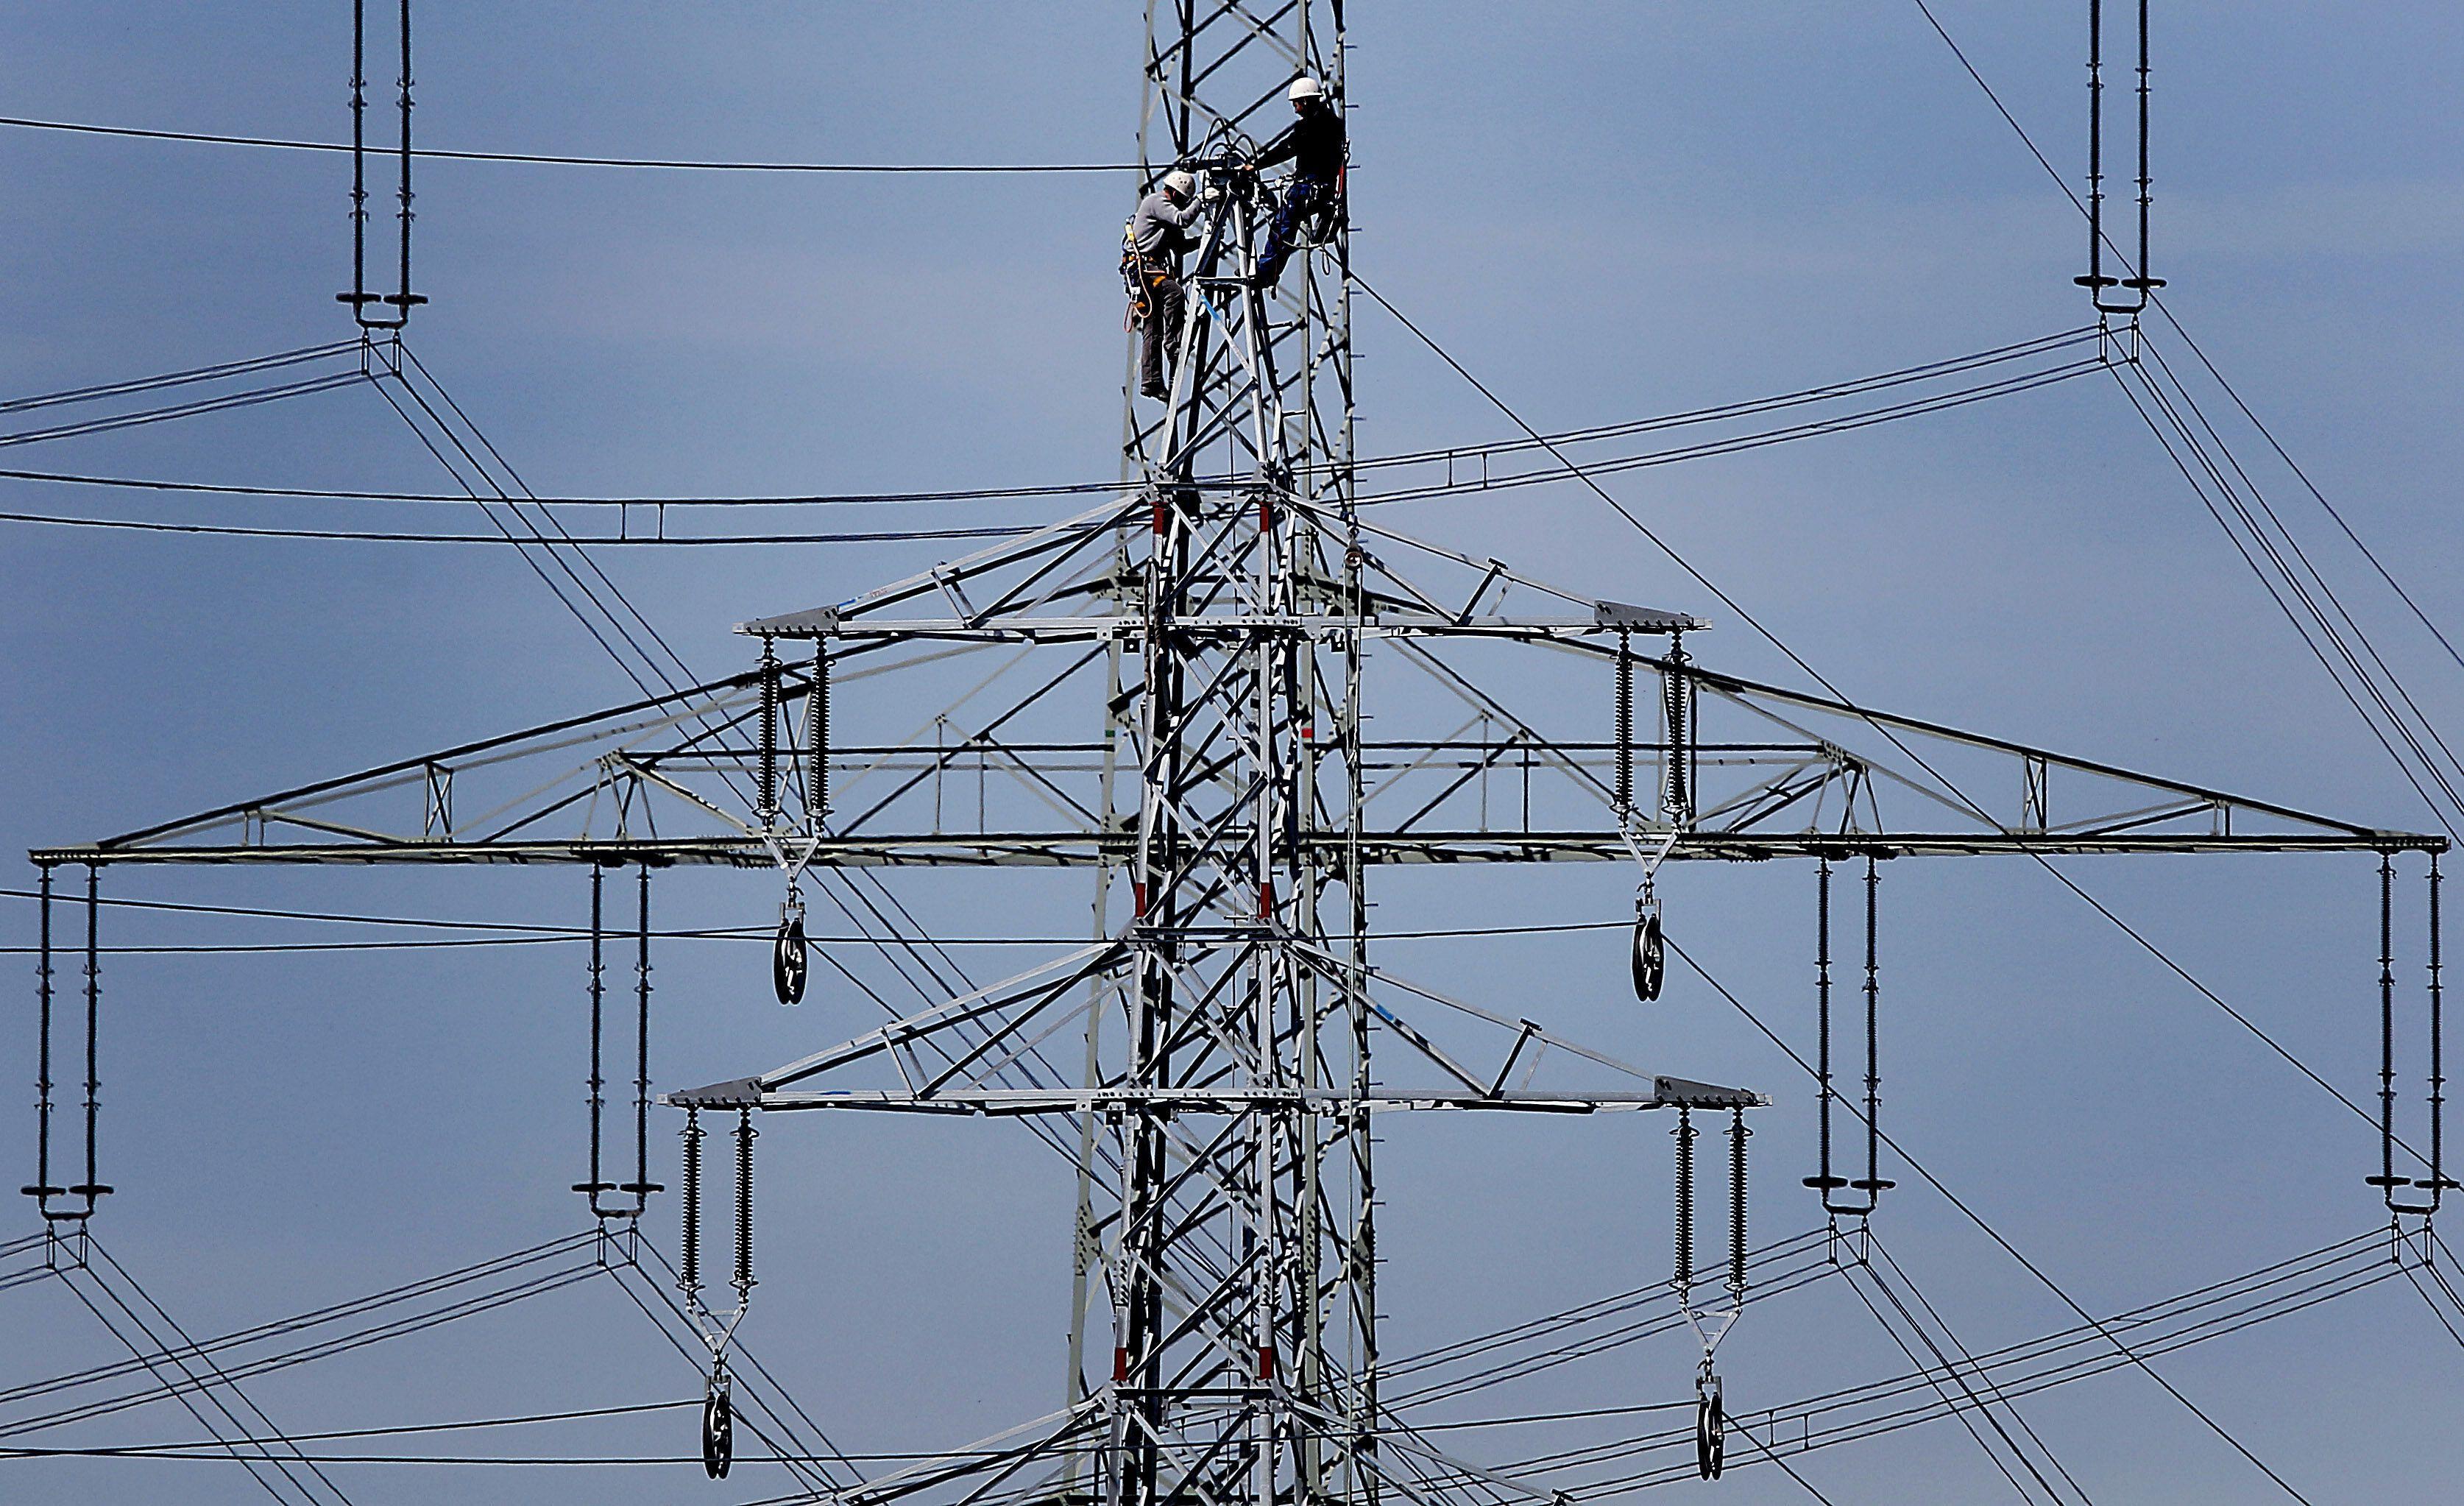 trabajadores europeos no pueden pagar tarifas de energia